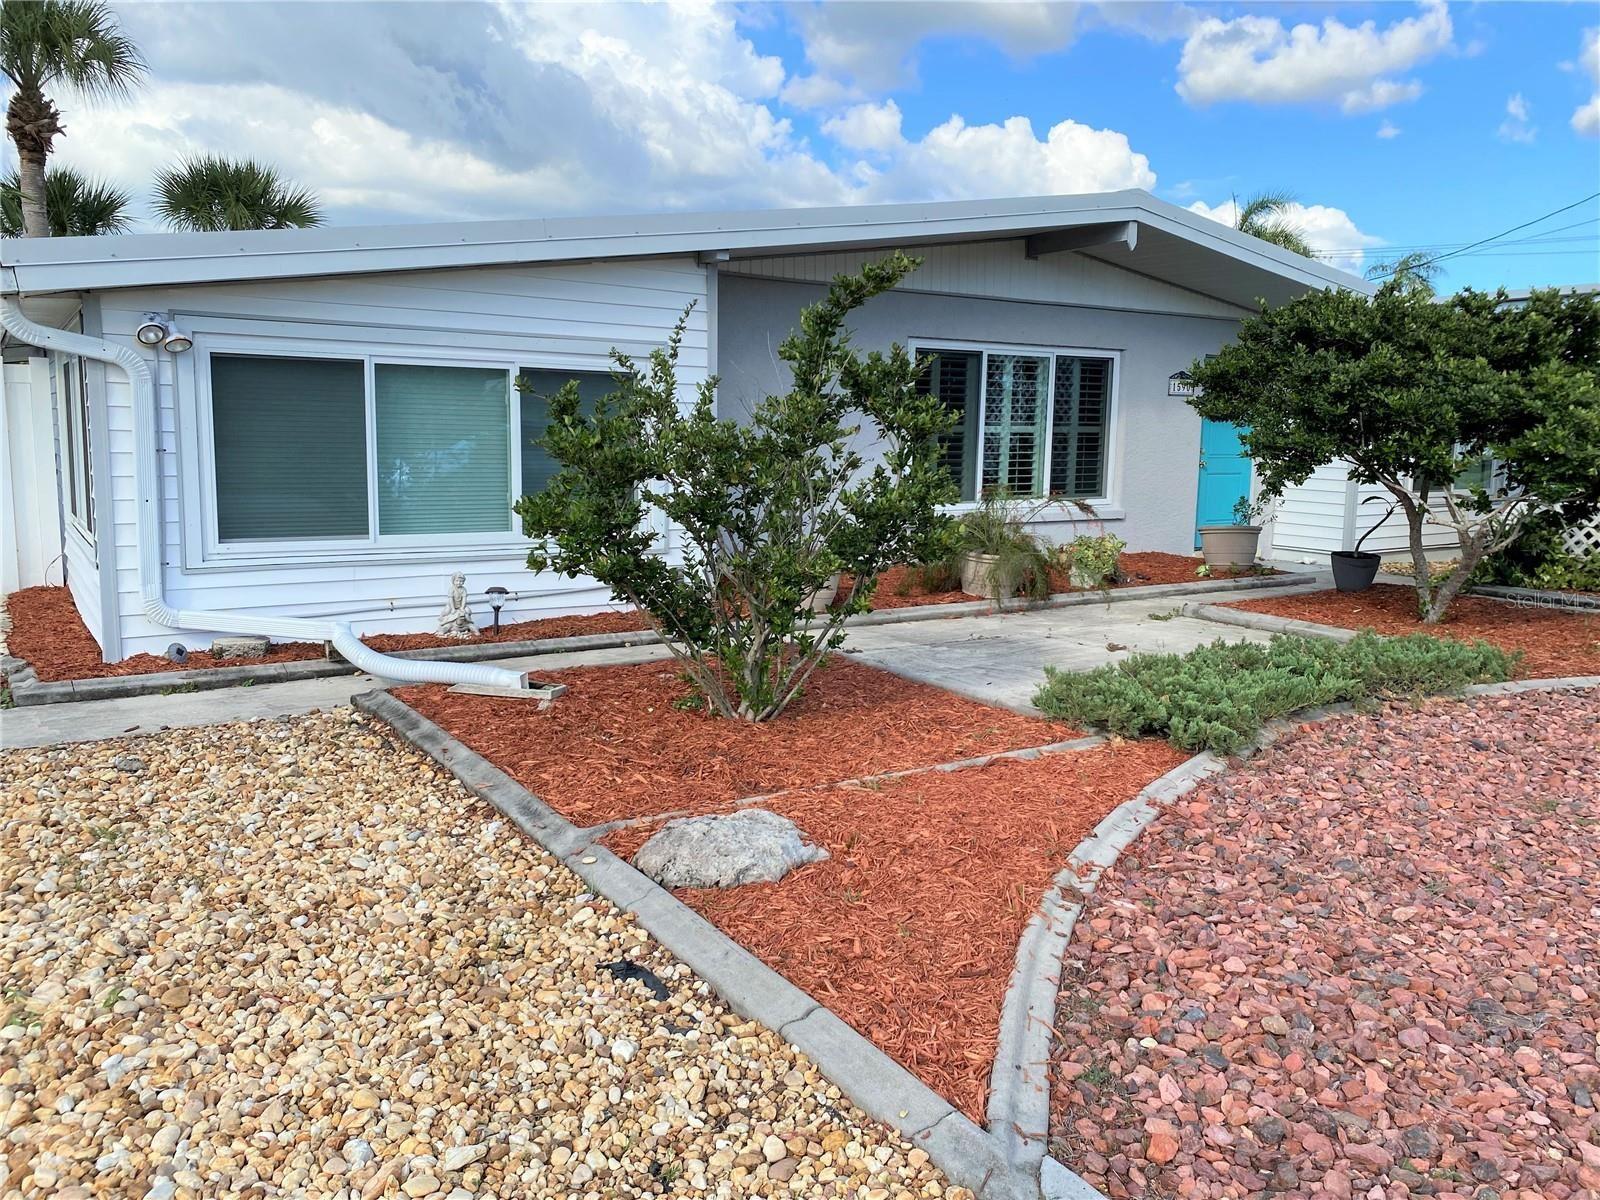 1590 MARYKNOLL ROAD, Englewood, FL 34223 - MLS#: D6121787